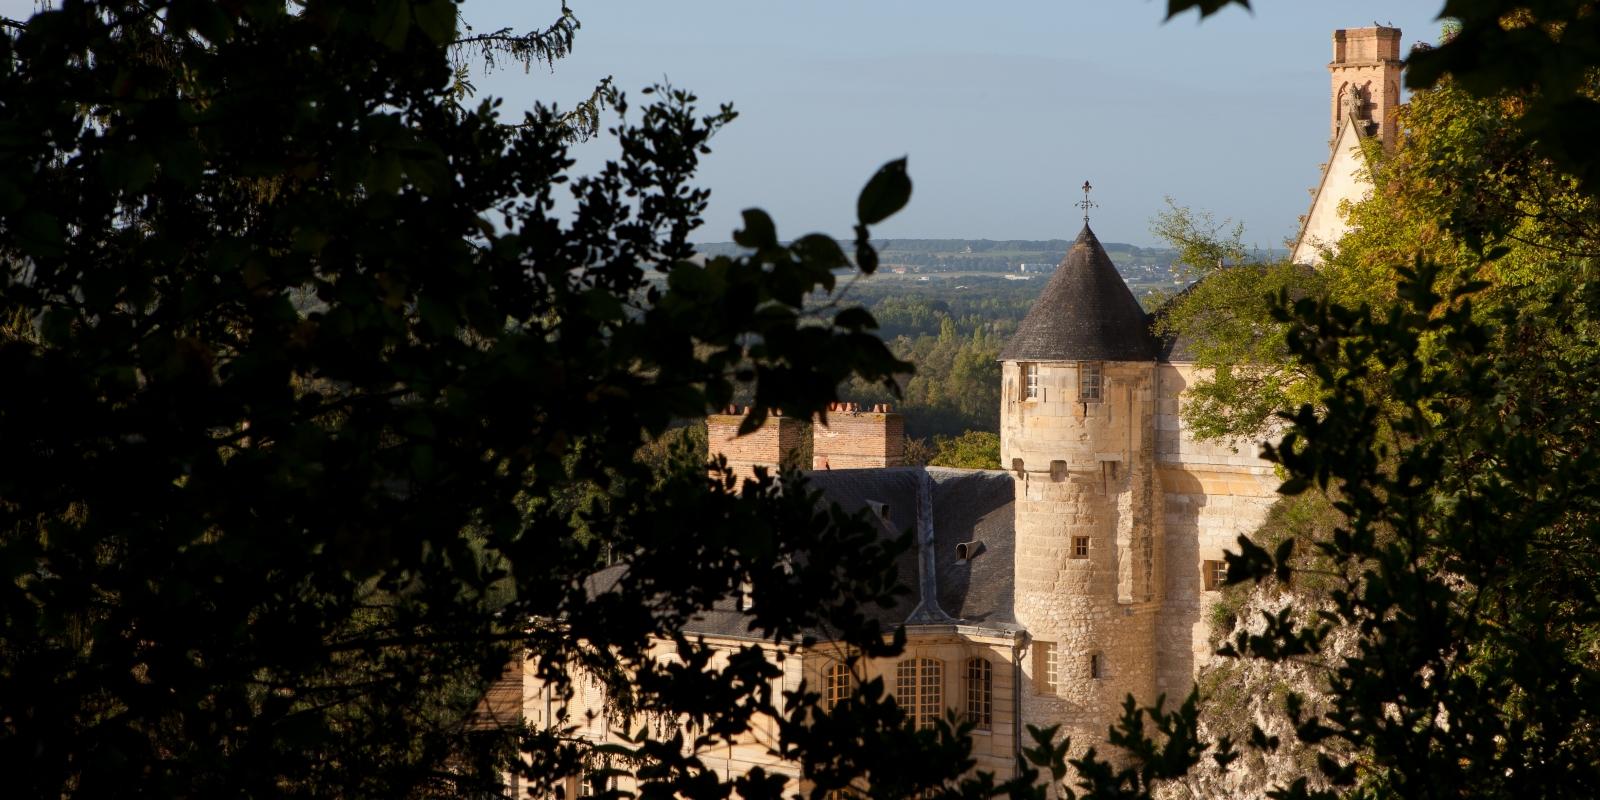 Le château de la Roche-Guyon à travers les feuilles dans le parc naturel régional du Vexin français